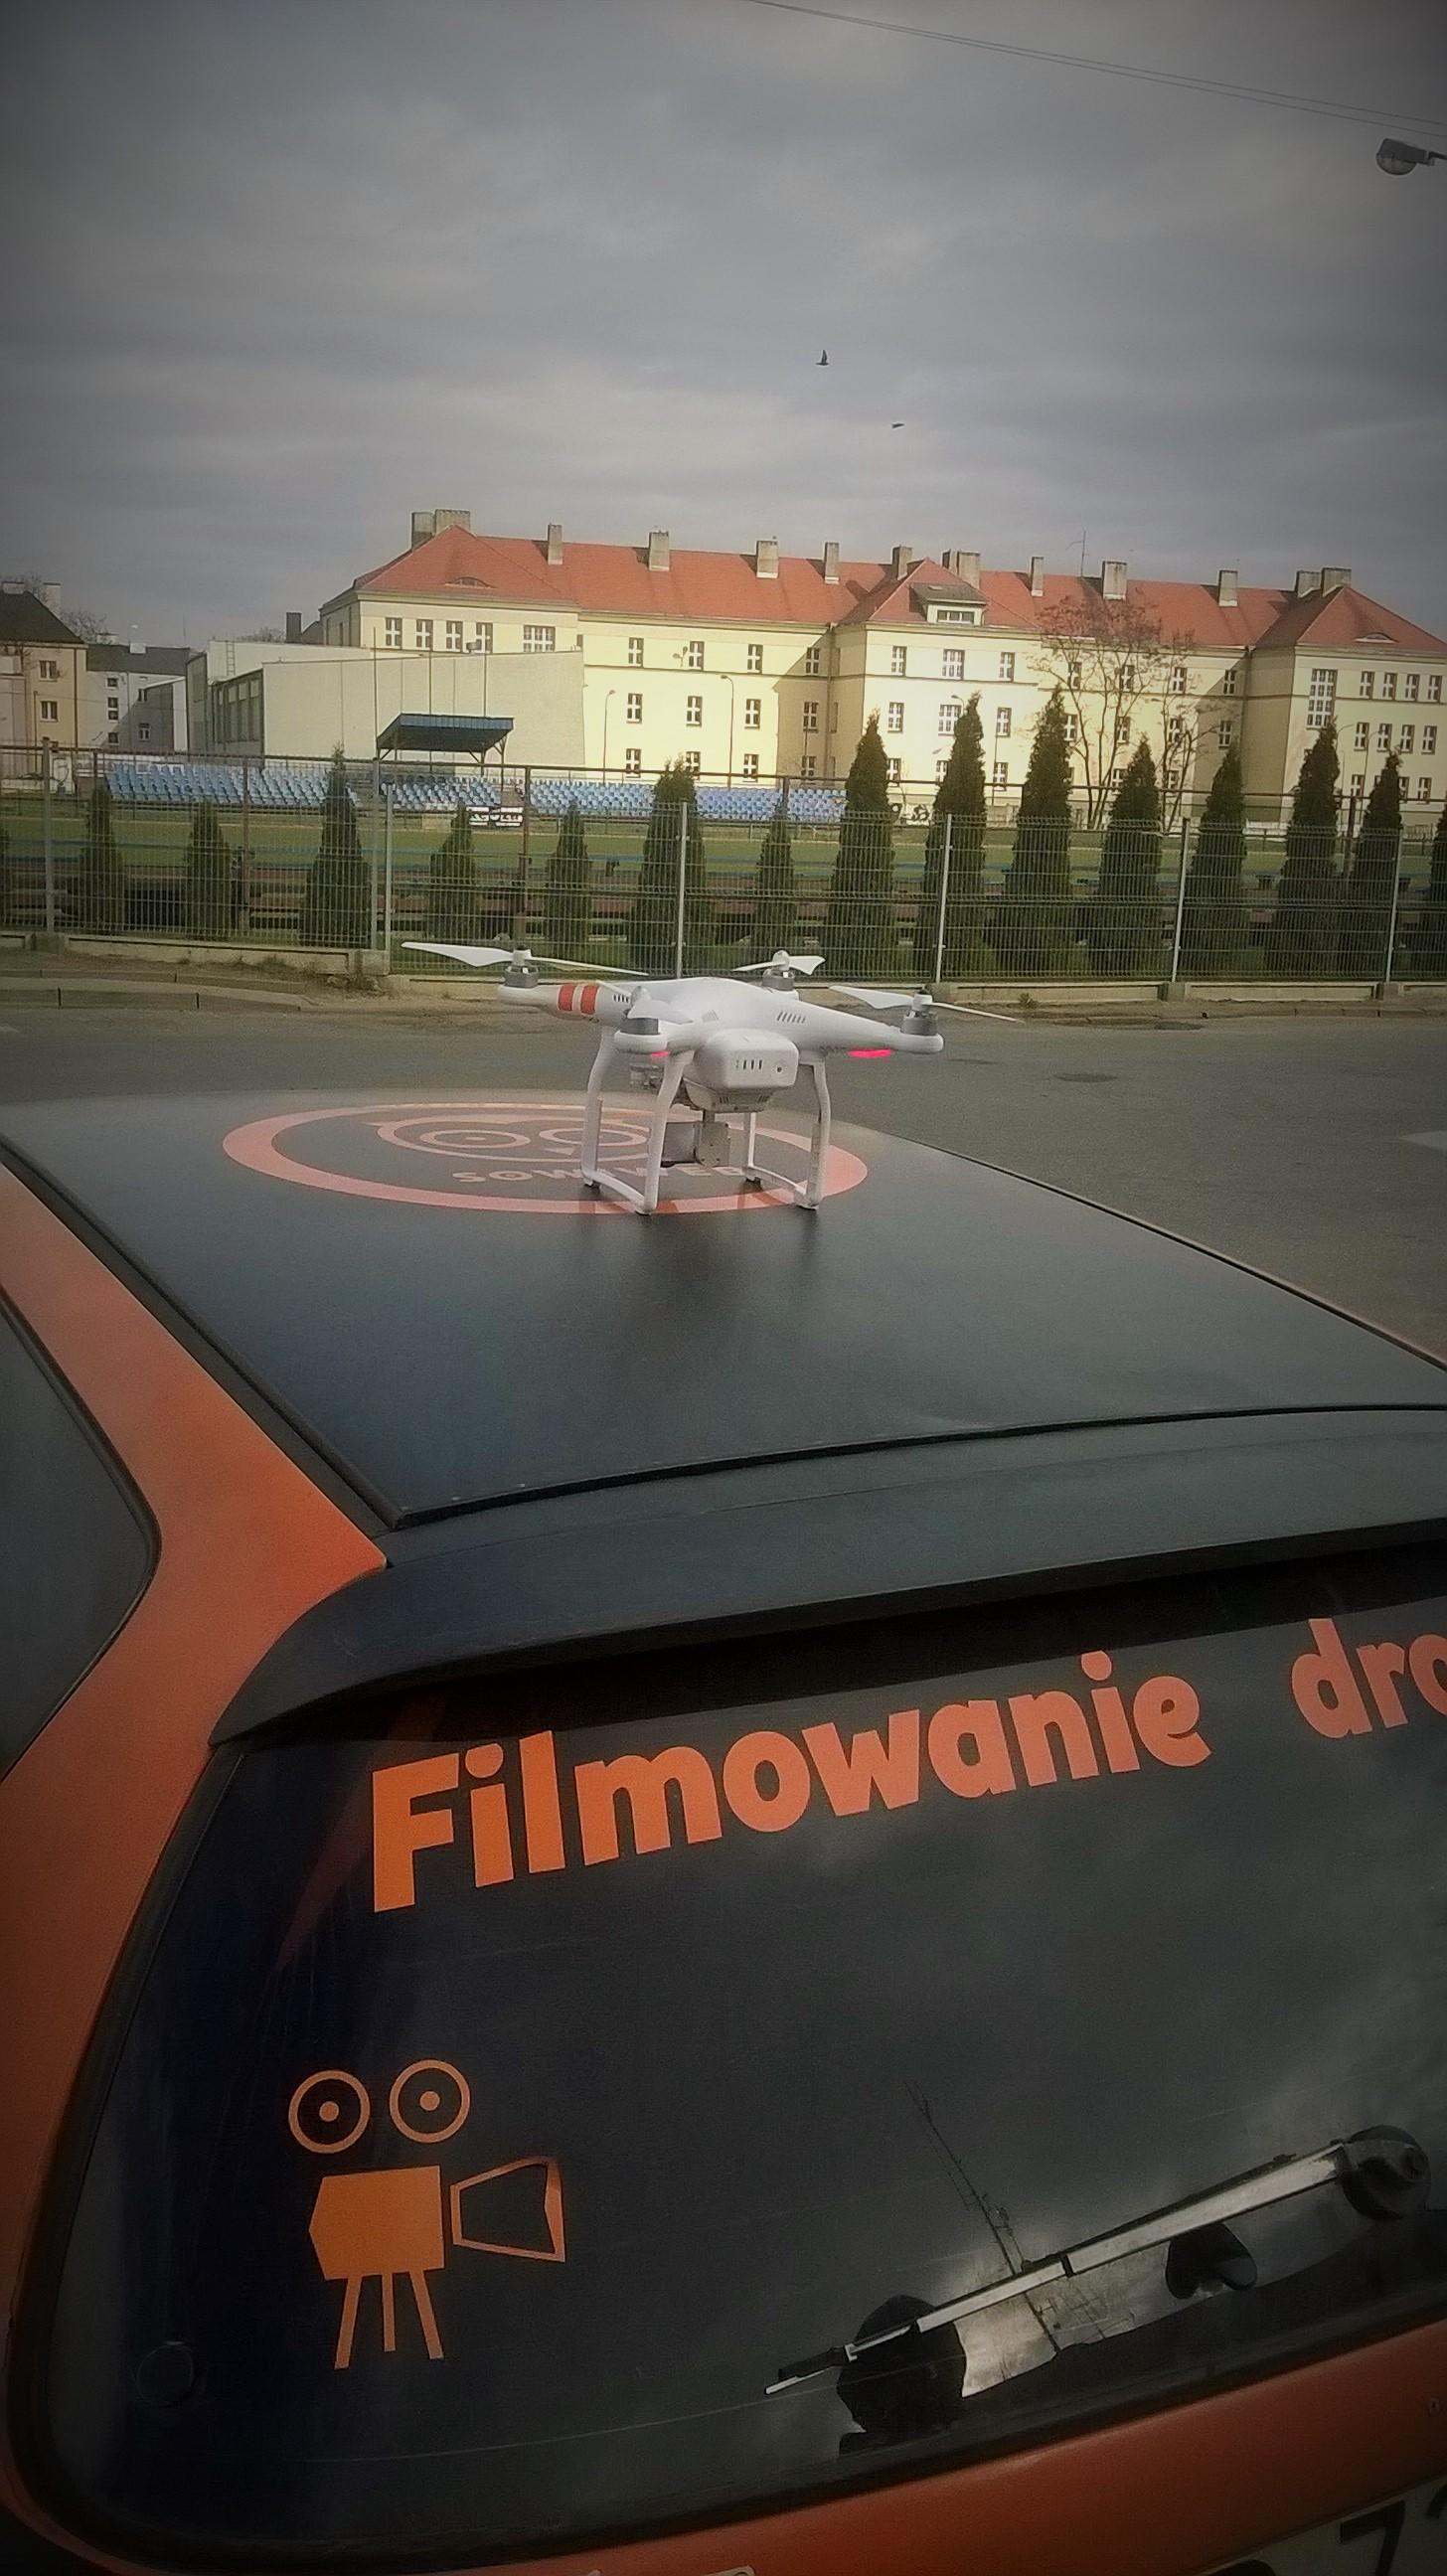 %Królewskie Miasto Łęczyca – SowiWeb